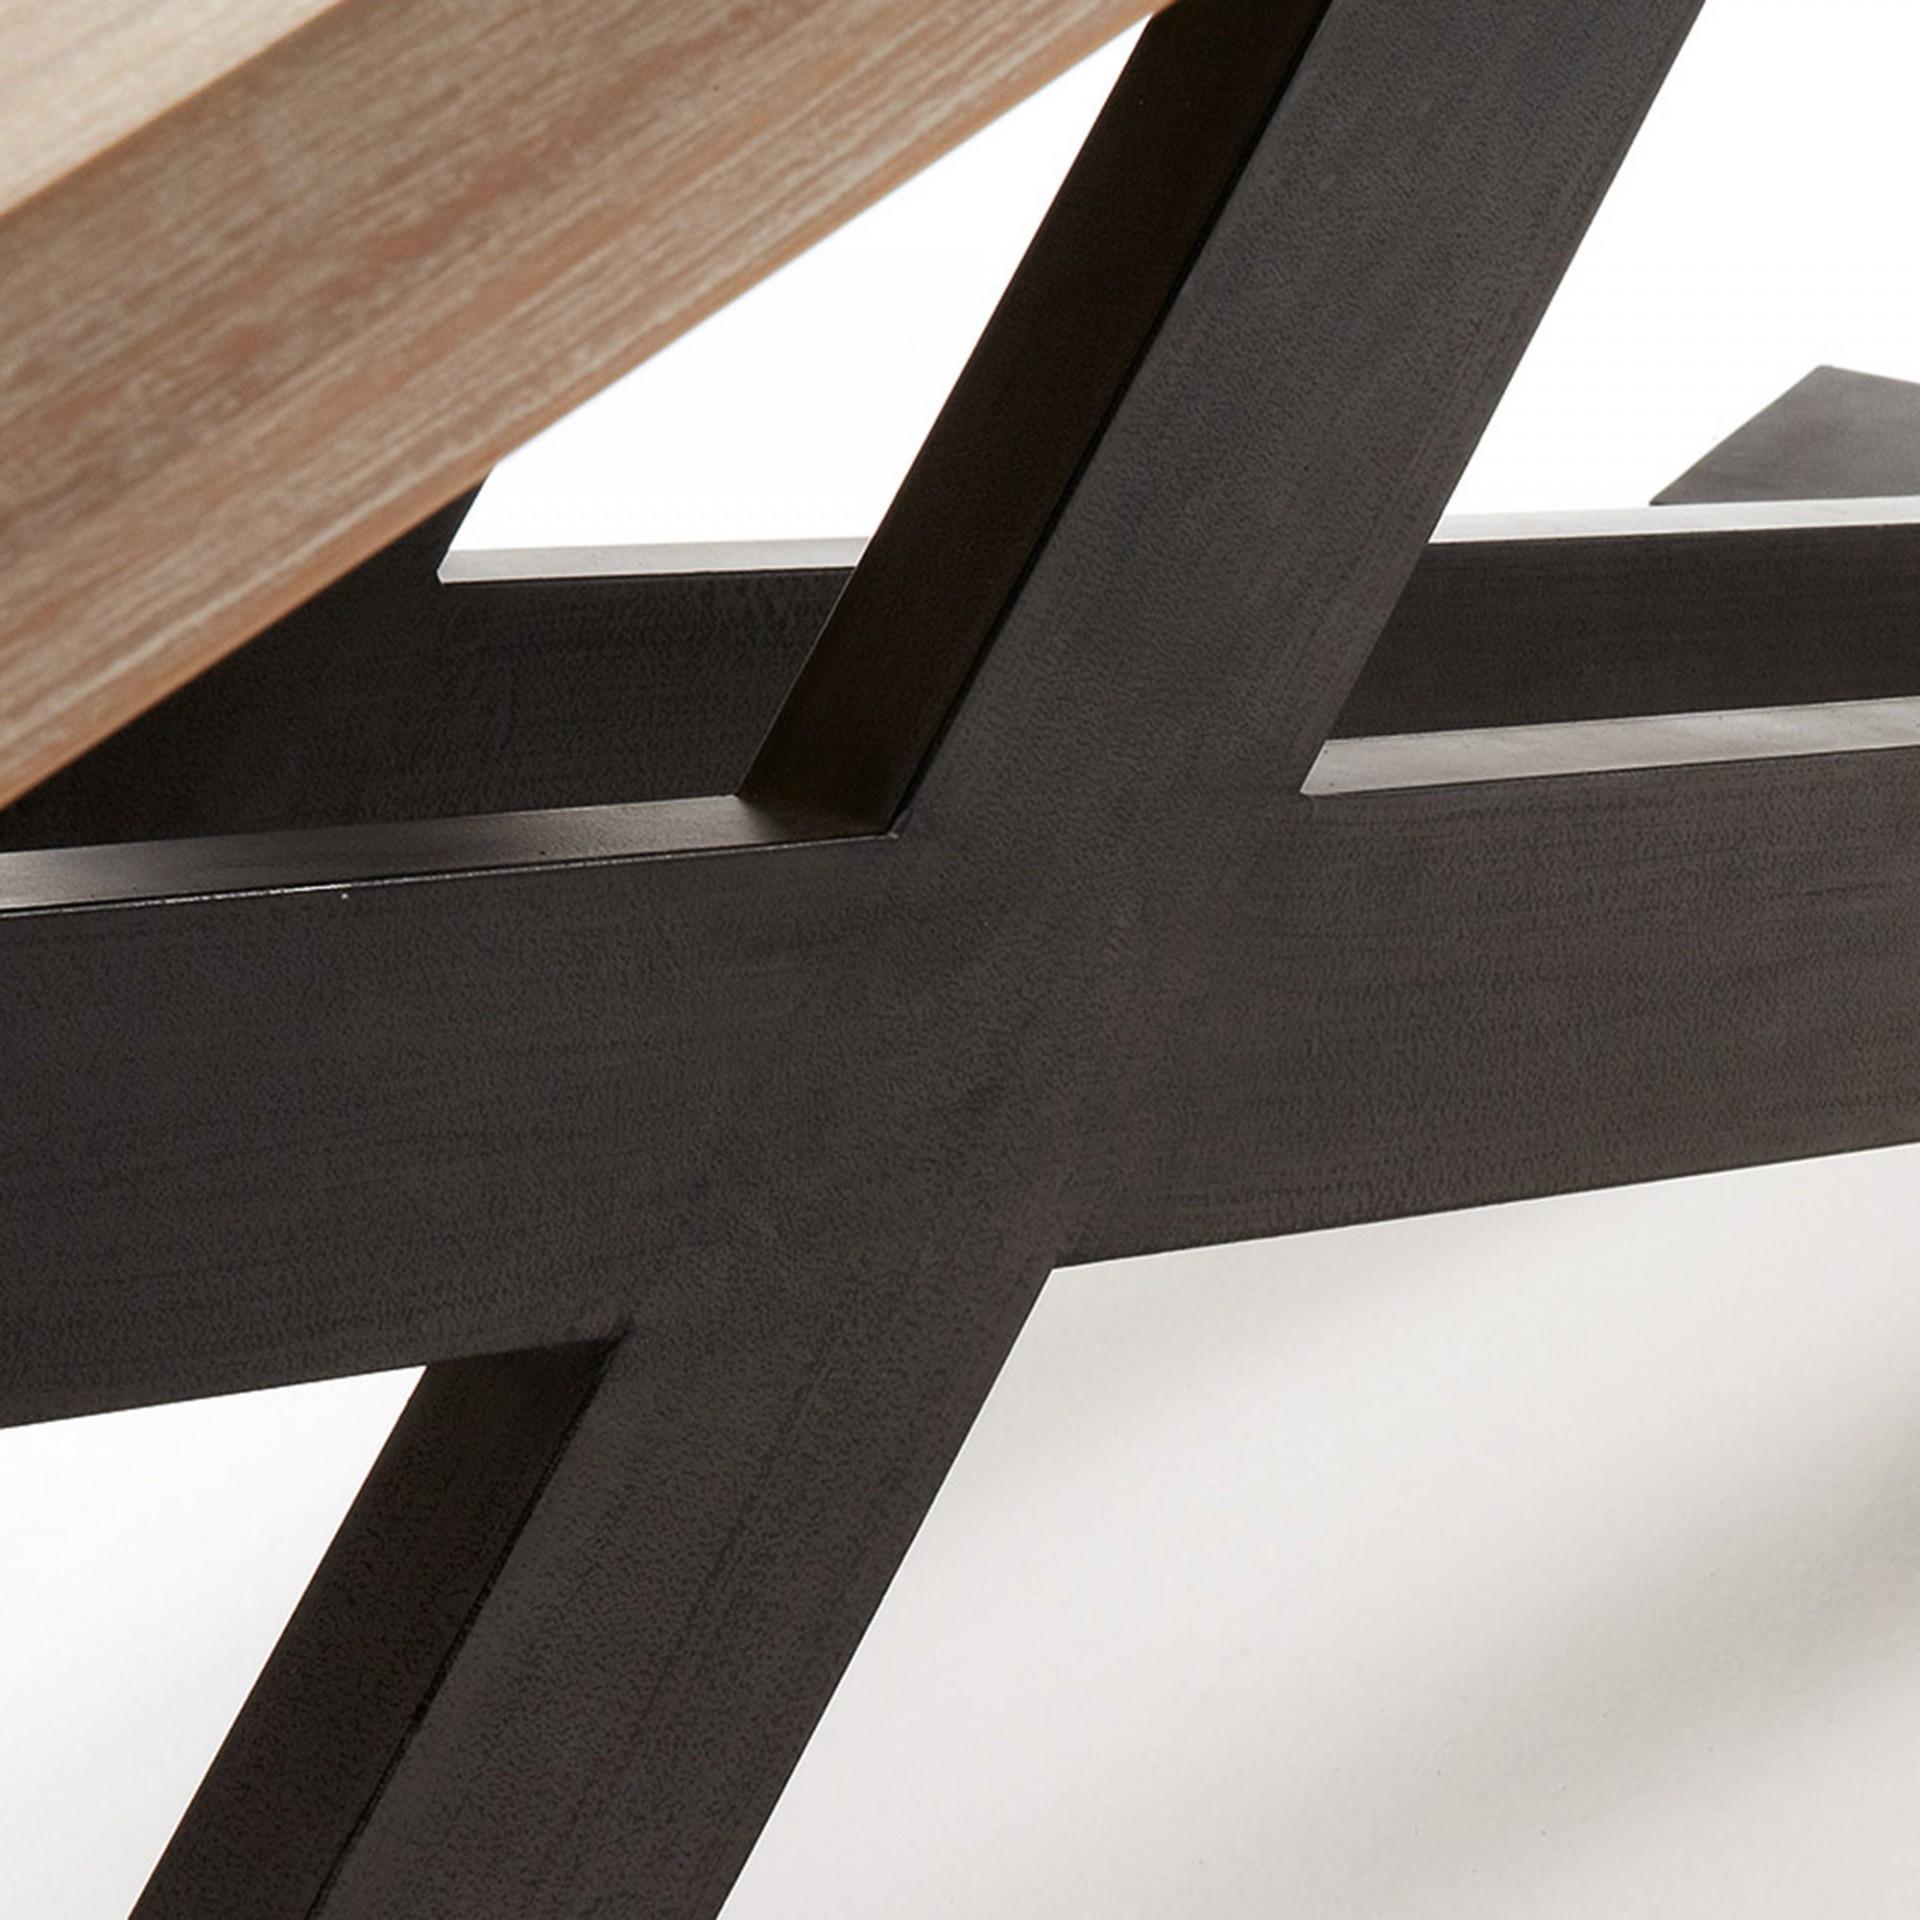 Mesa de jantar Diva, madeira de acácia/metal, 160x90